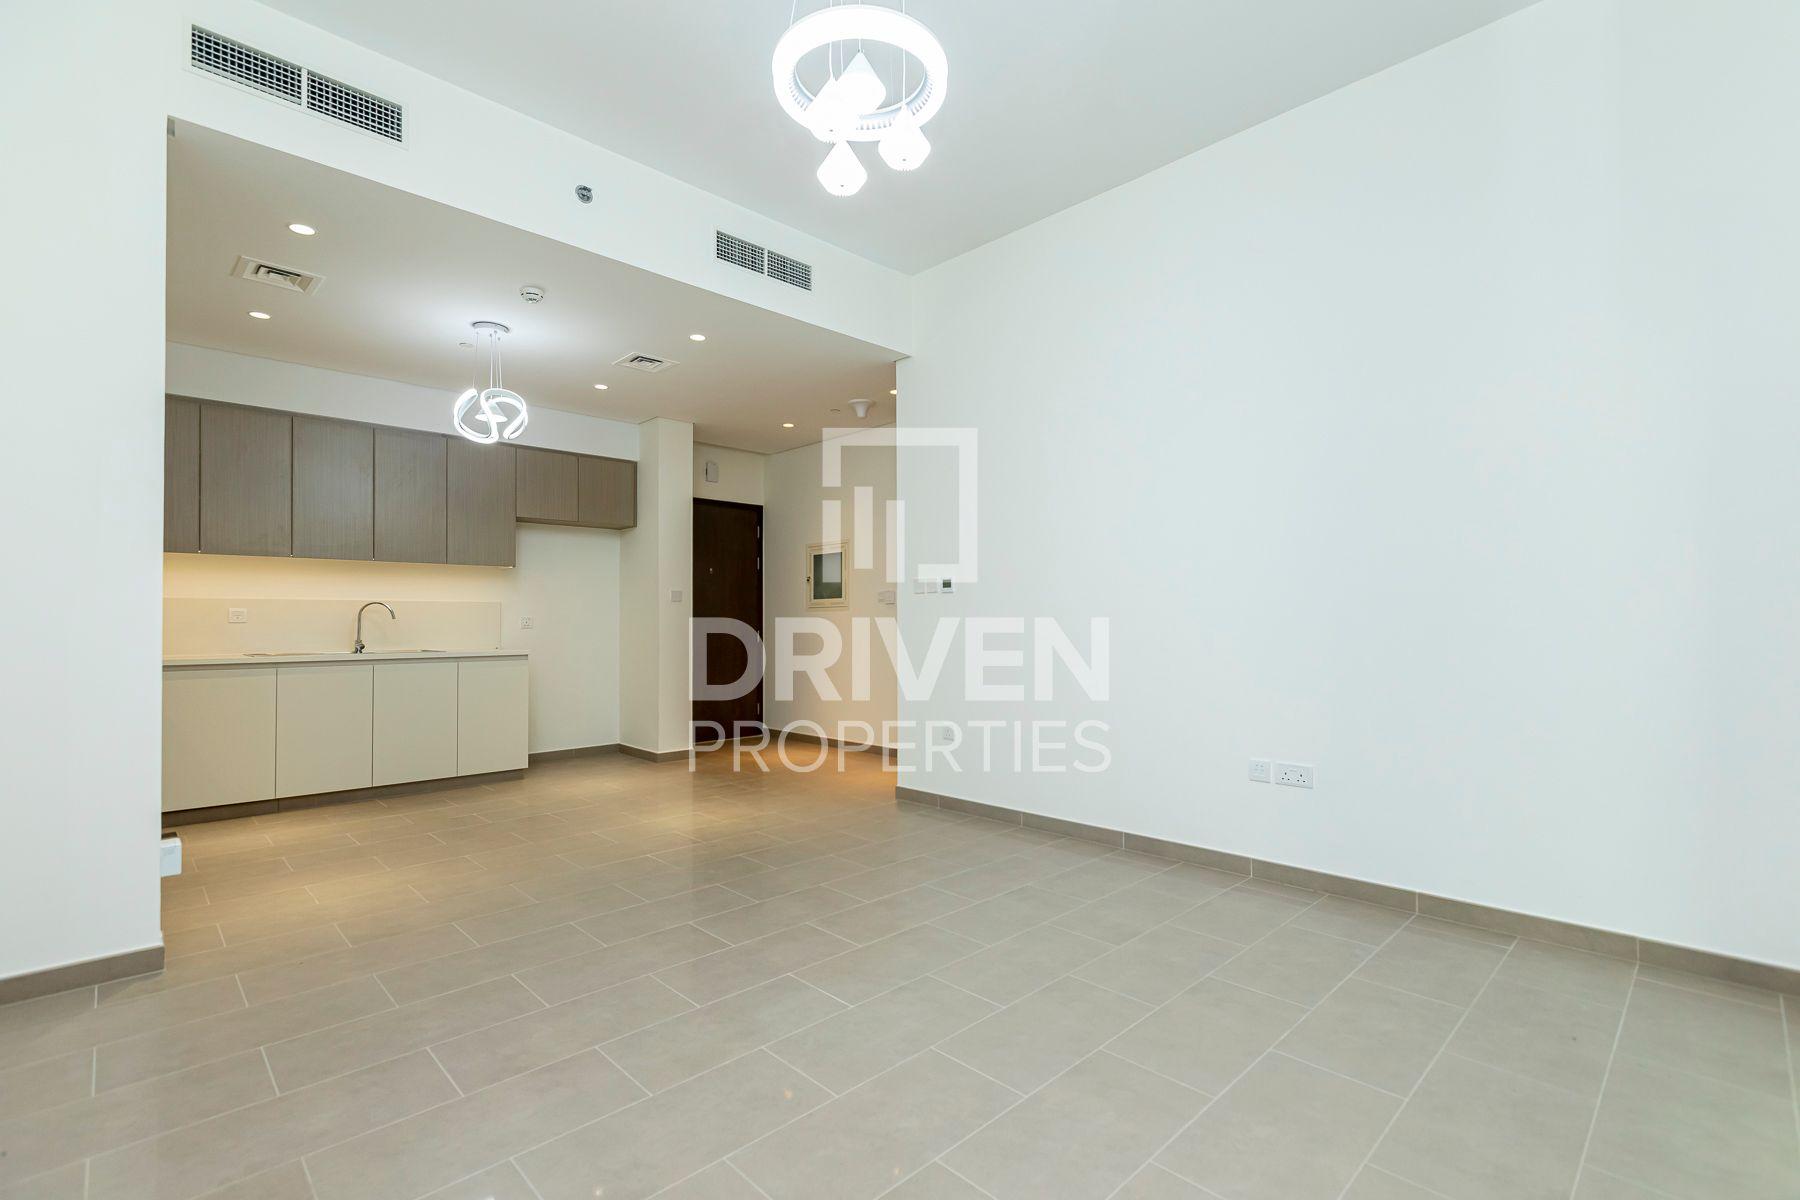 958 قدم مربع  شقة - للايجار - دبي هيلز استيت